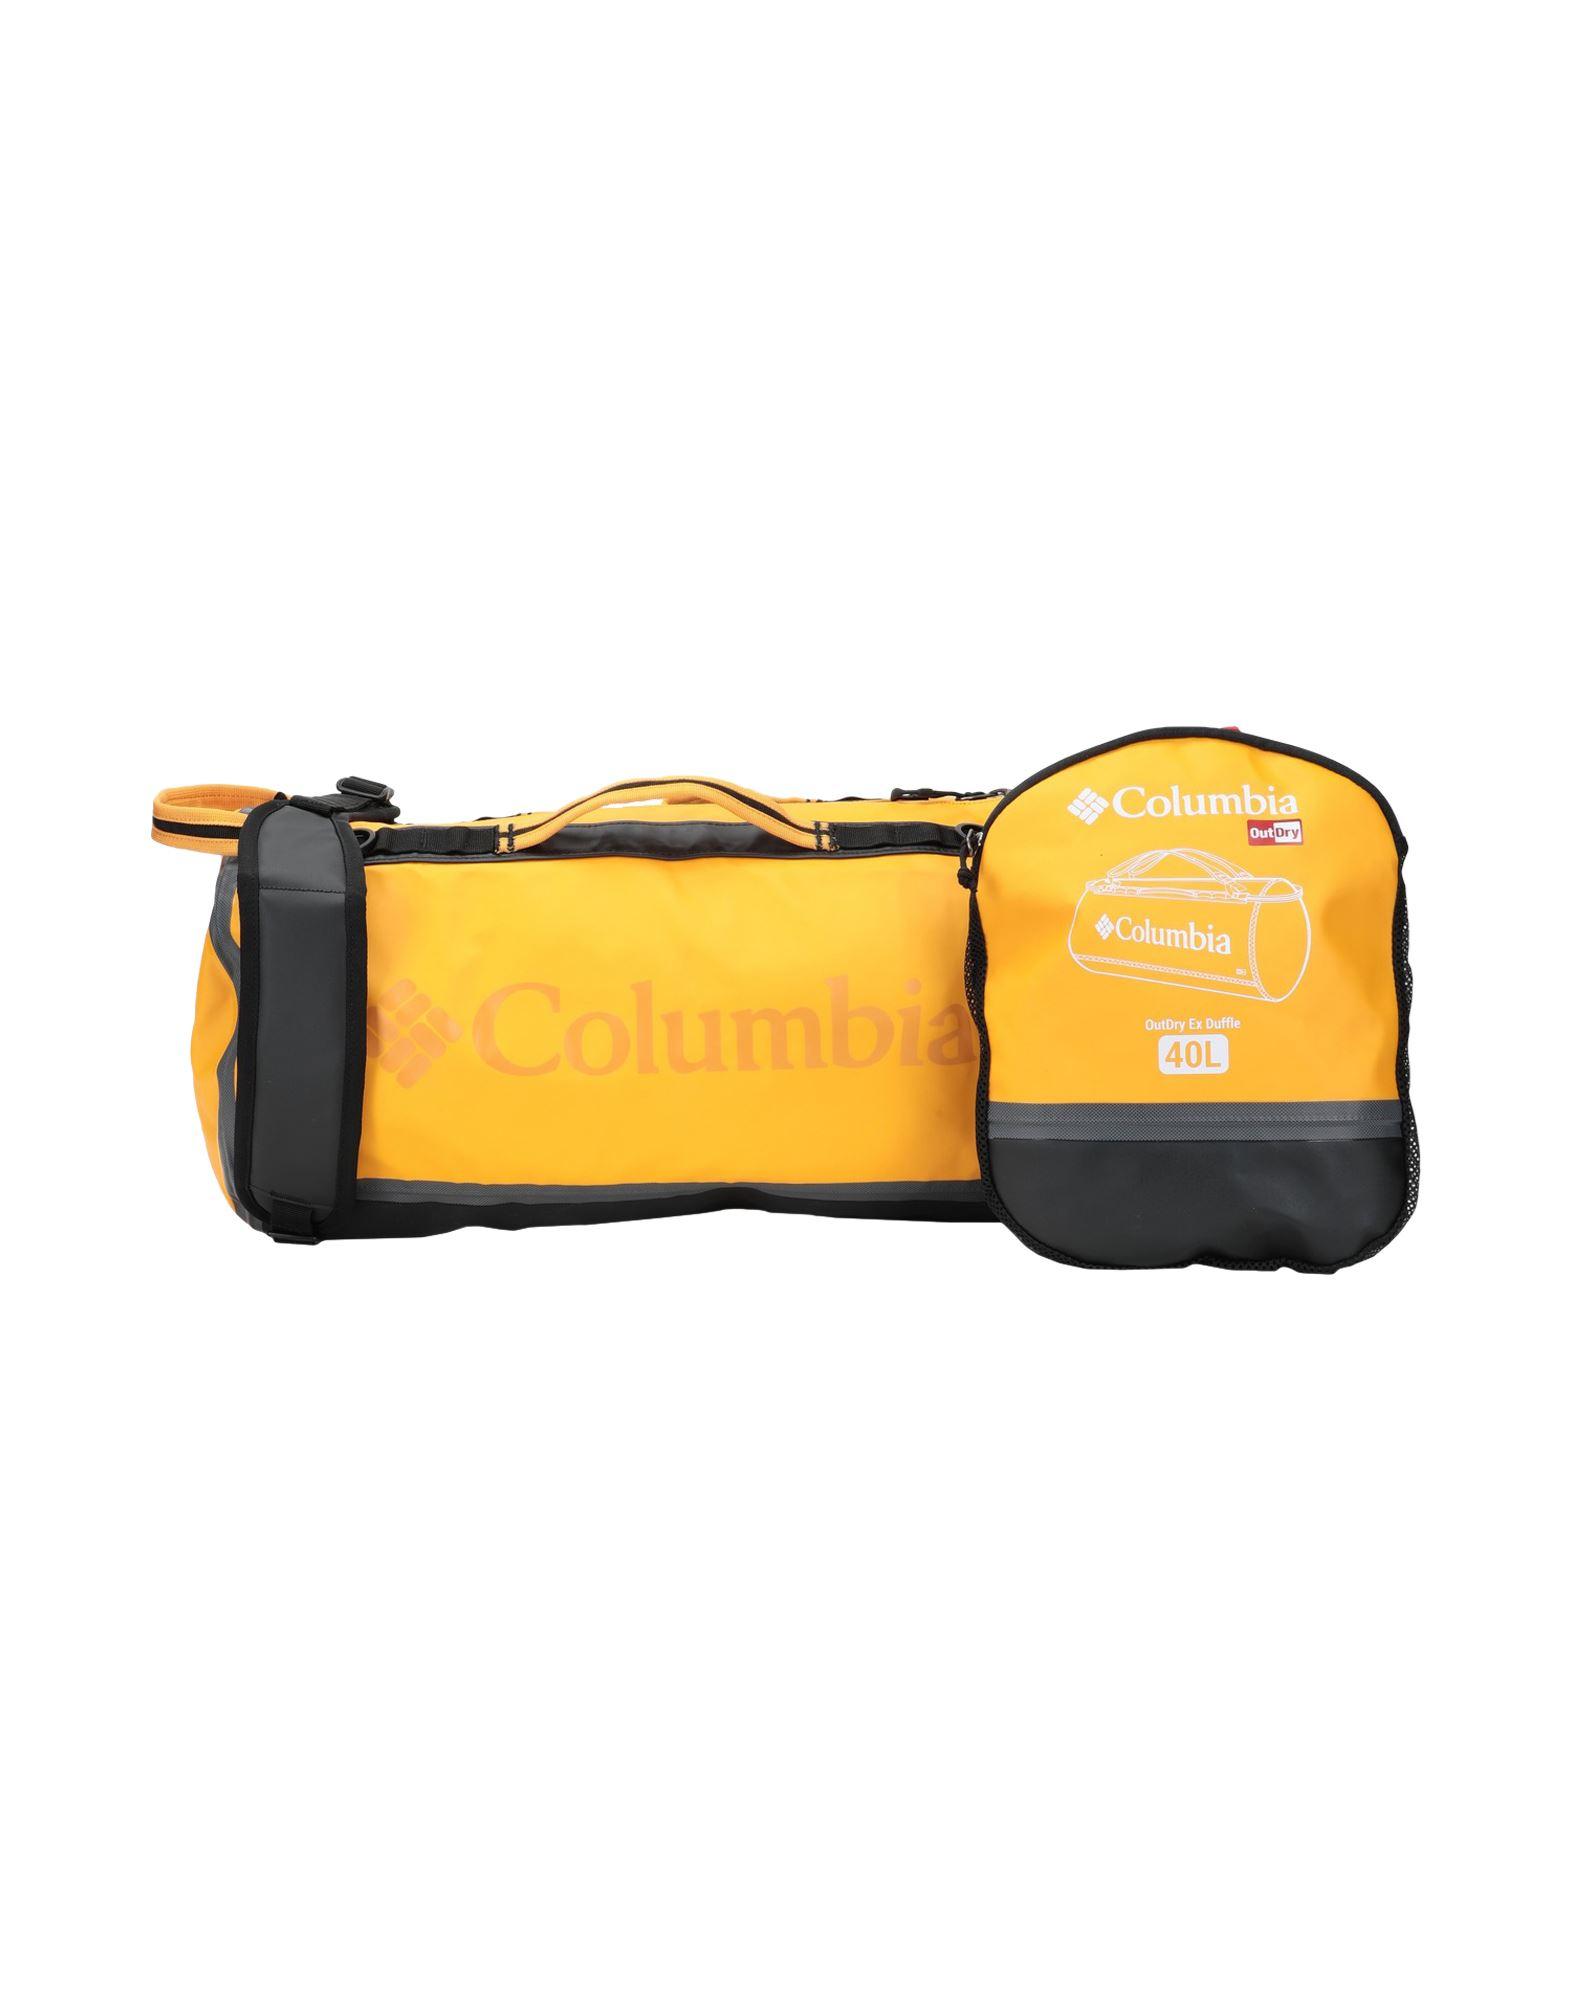 COLUMBIA コロンビア Unisex 旅行バッグ OutDry Ex 40L Duffle オークル - ブラック